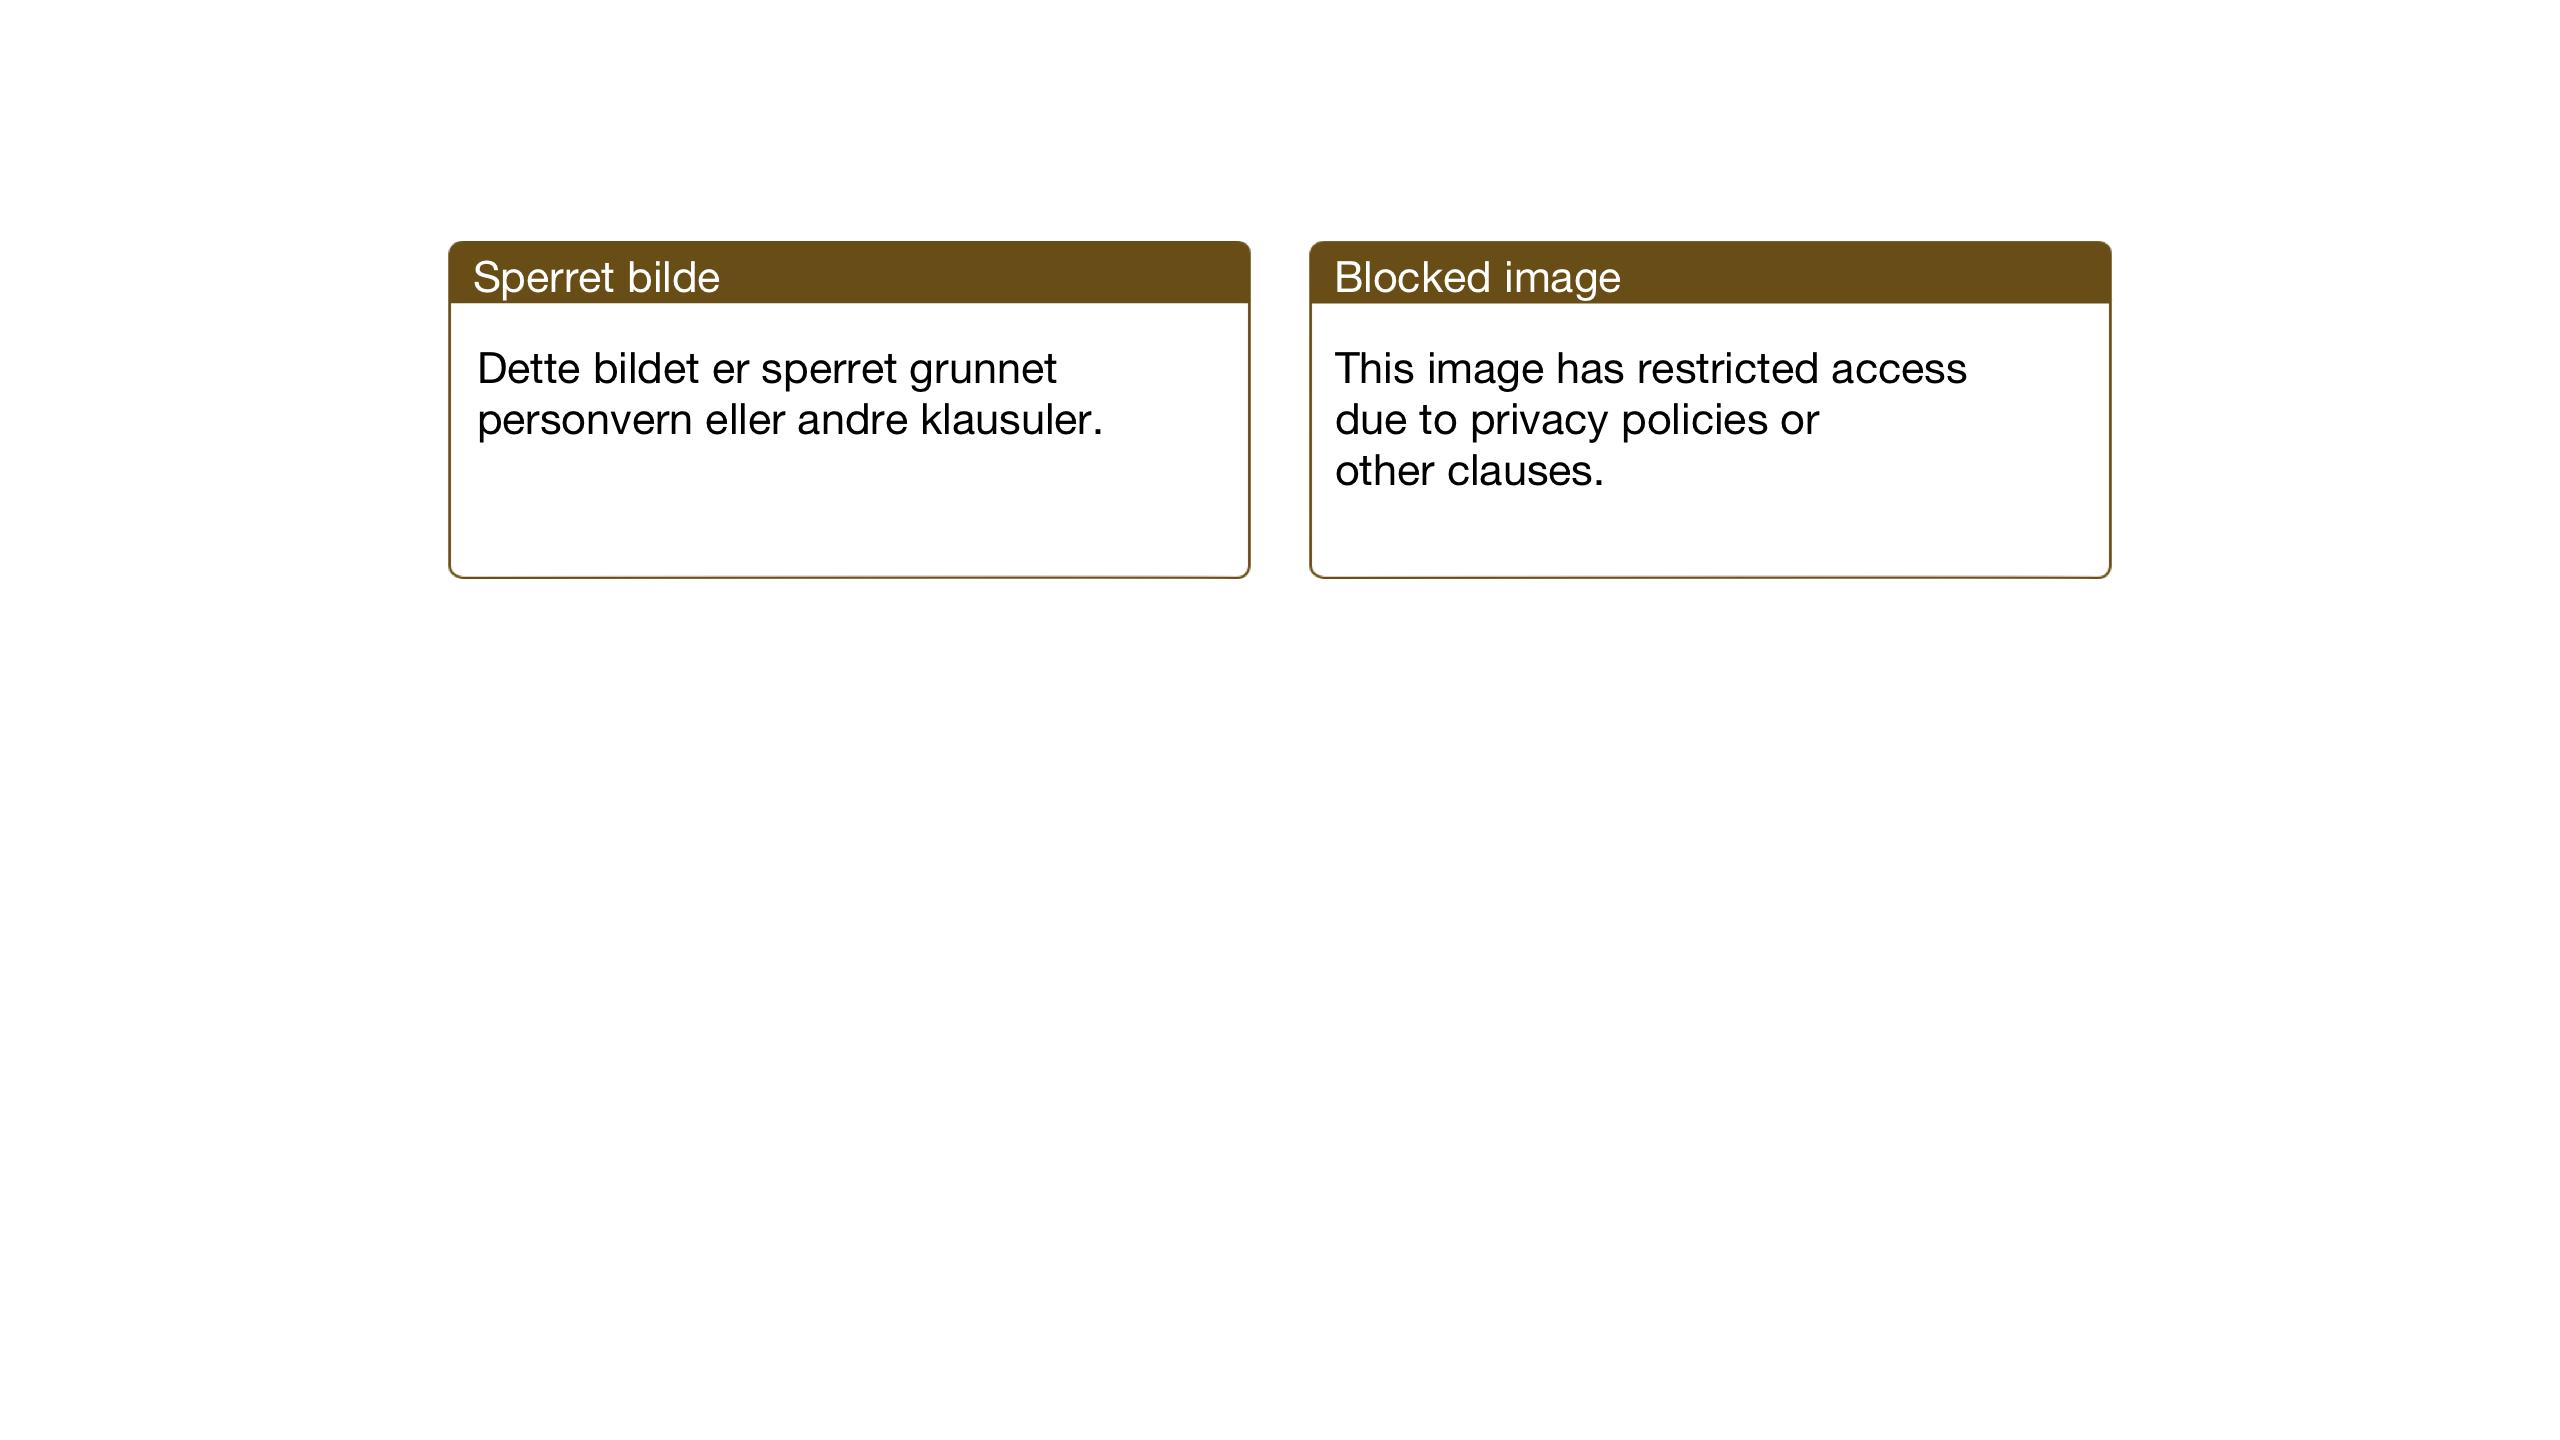 SAT, Ministerialprotokoller, klokkerbøker og fødselsregistre - Sør-Trøndelag, 604/L0228: Klokkerbok nr. 604C11, 1928-1950, s. 150